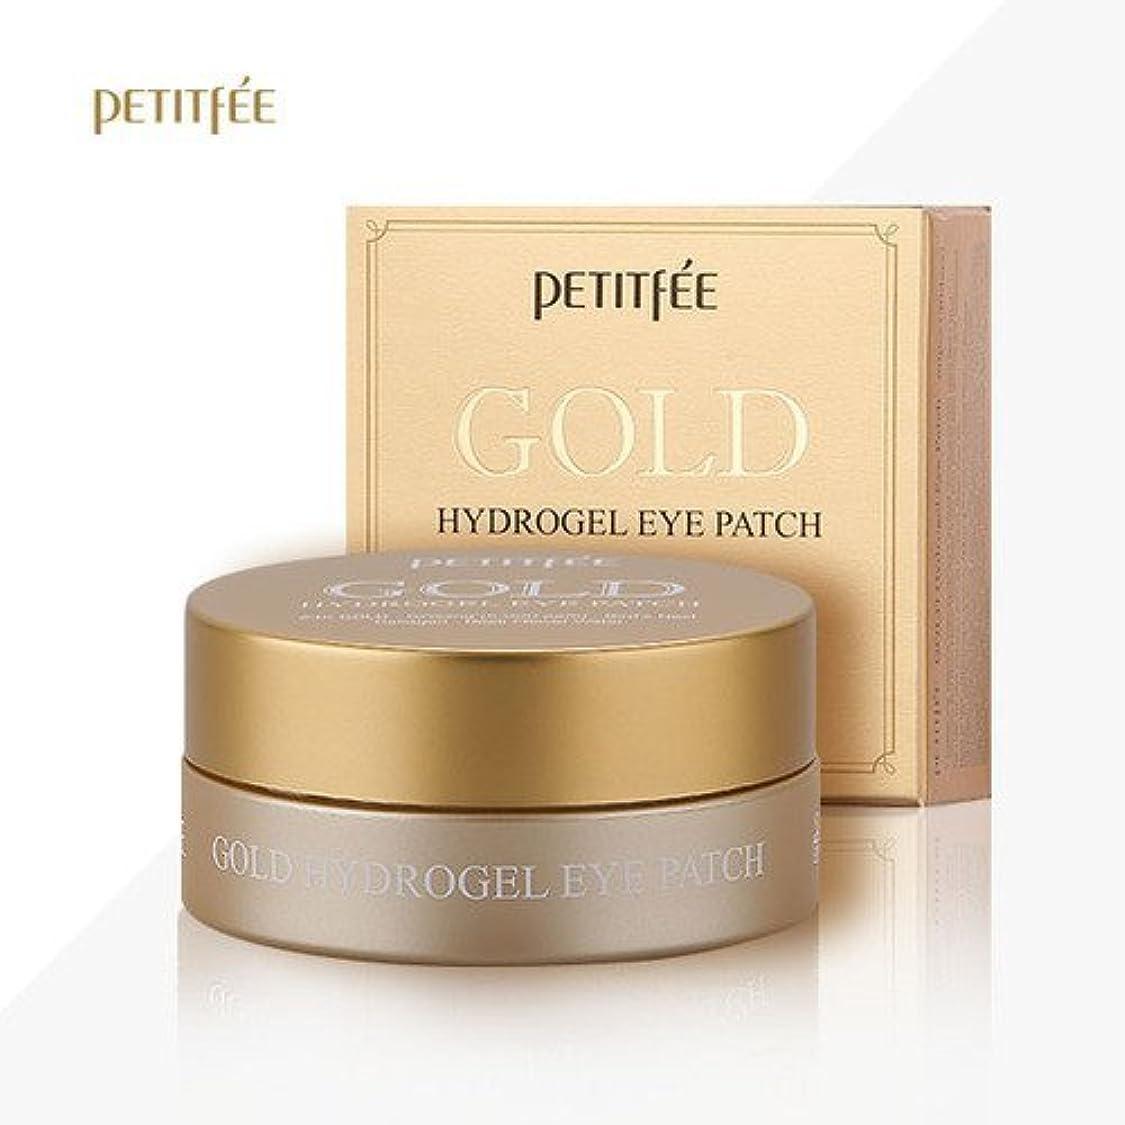 農業のレース仮定、想定。推測PETITFEE(プチペ)ゴールドハイドロゲルアイパチ(60枚)/ Petitfee Gold Hydrogel Eye Patch (60Sheets) [並行輸入品]